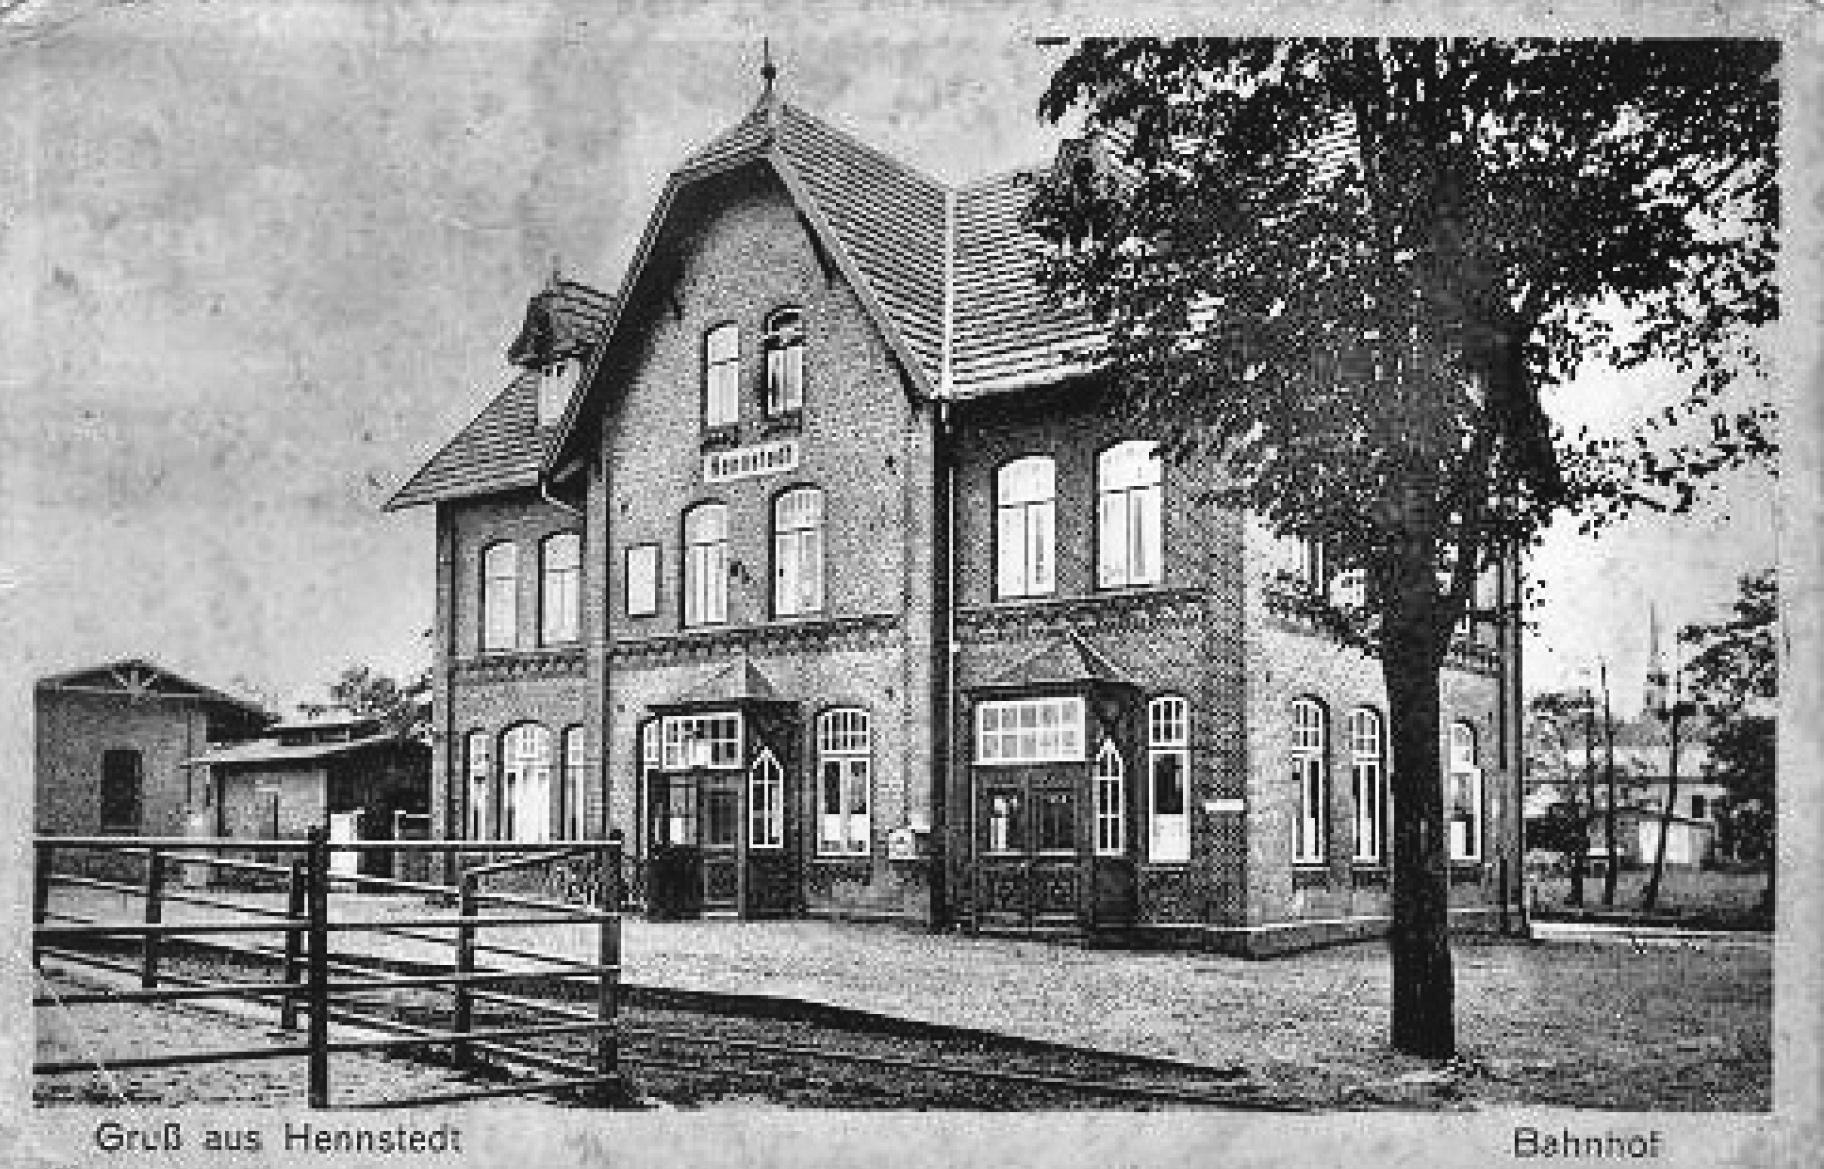 dorf_bilder/Chronik-Hennstedt-58.jpg